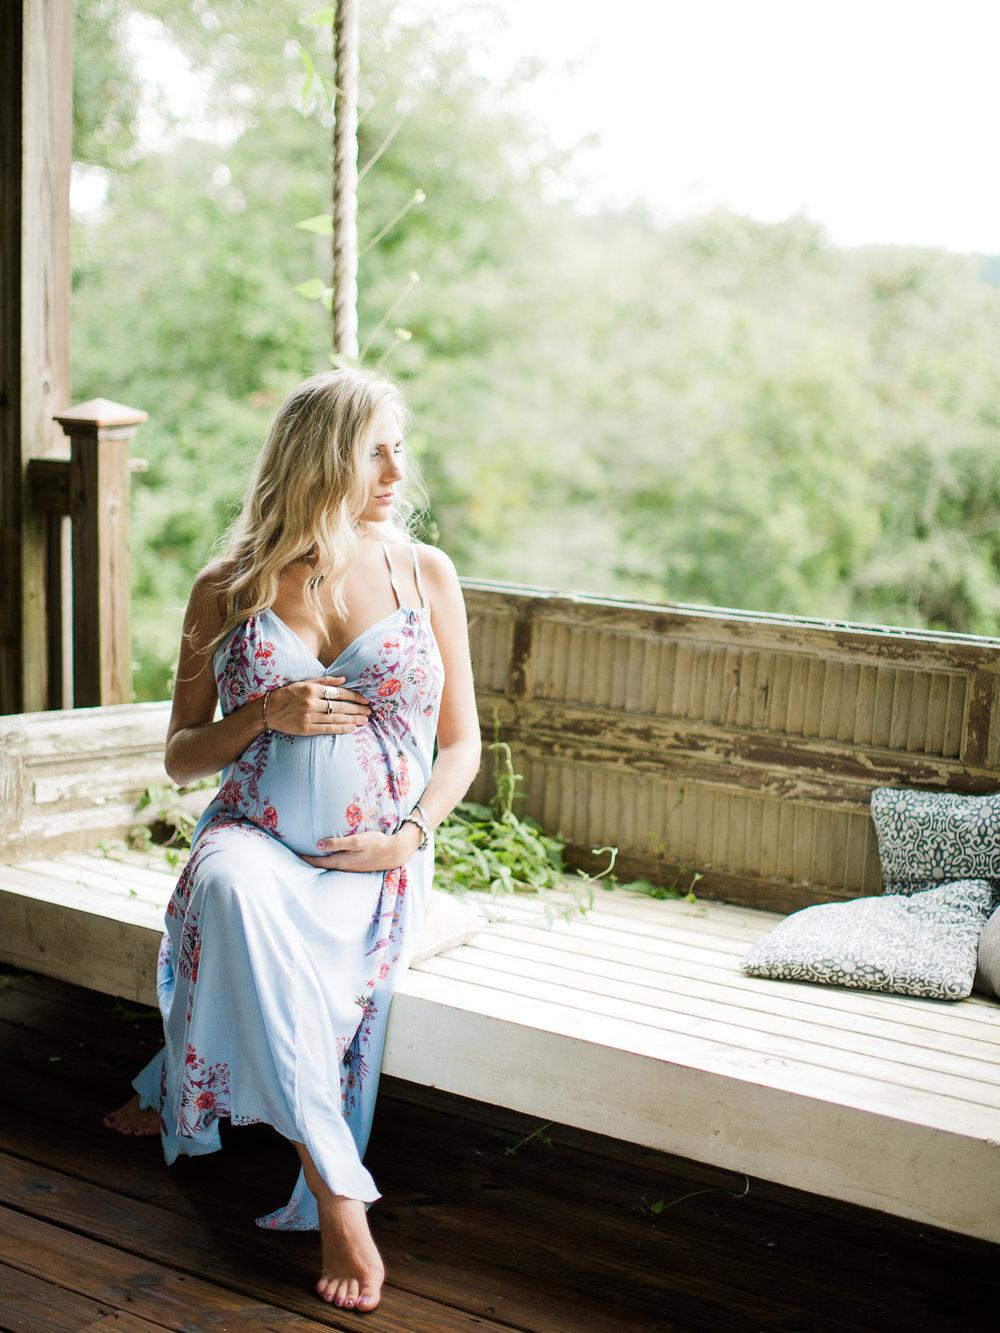 Hurring_Maternity-055-3116.jpg